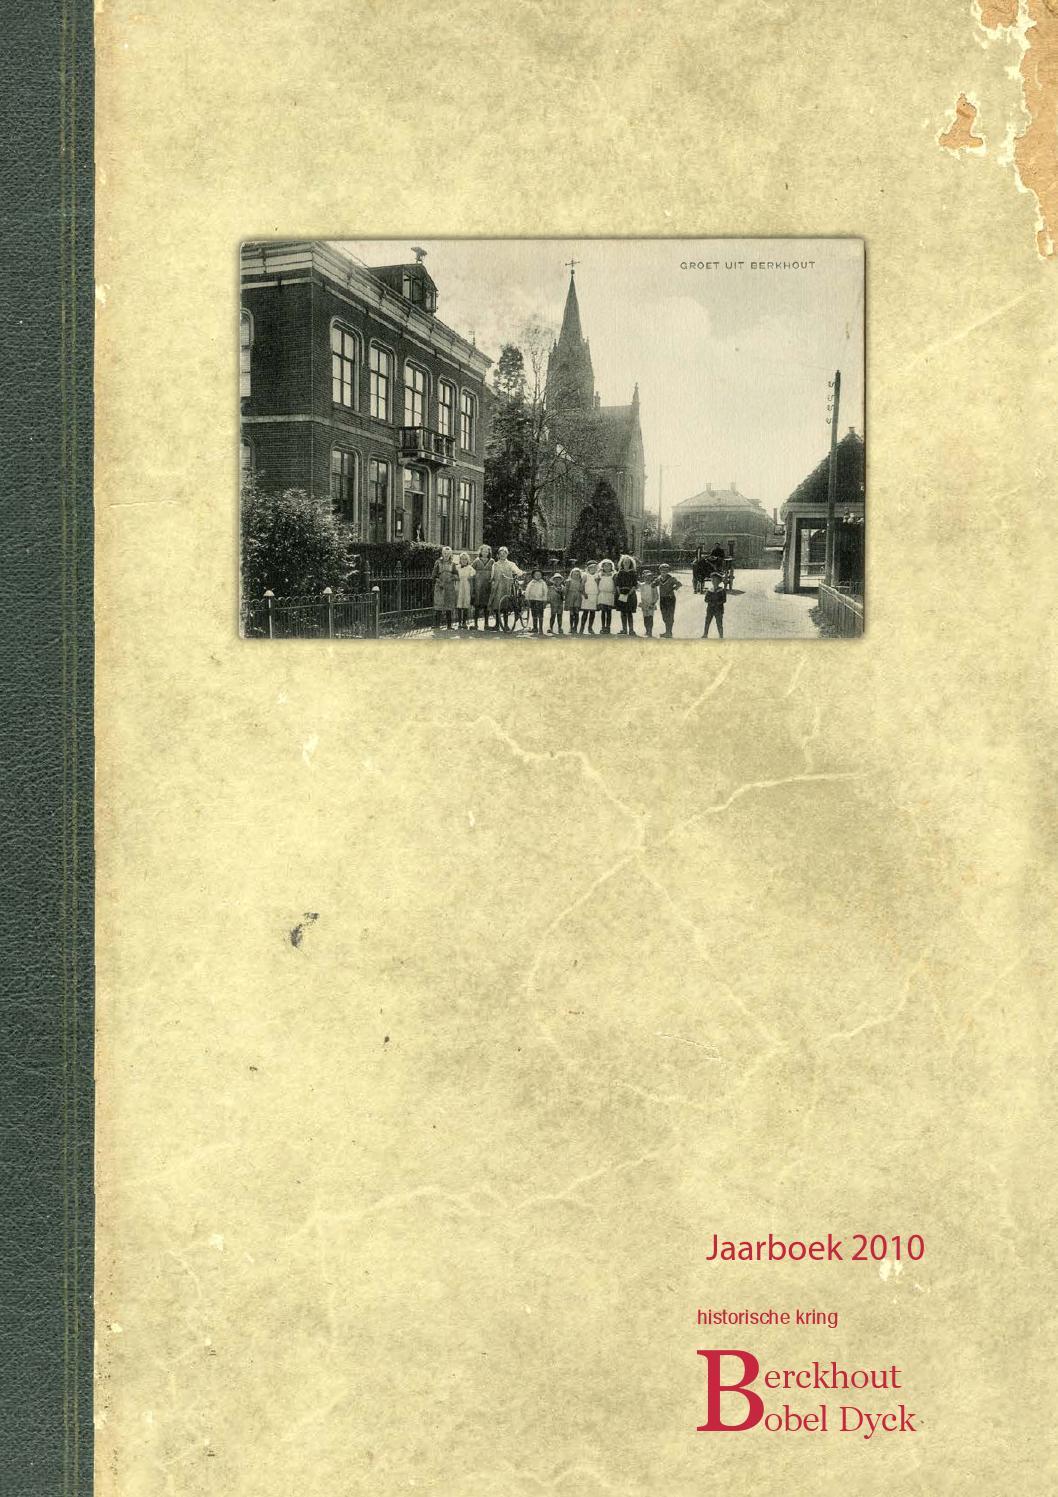 Jaarboek 2010 van de hkbb by hkbb   issuu